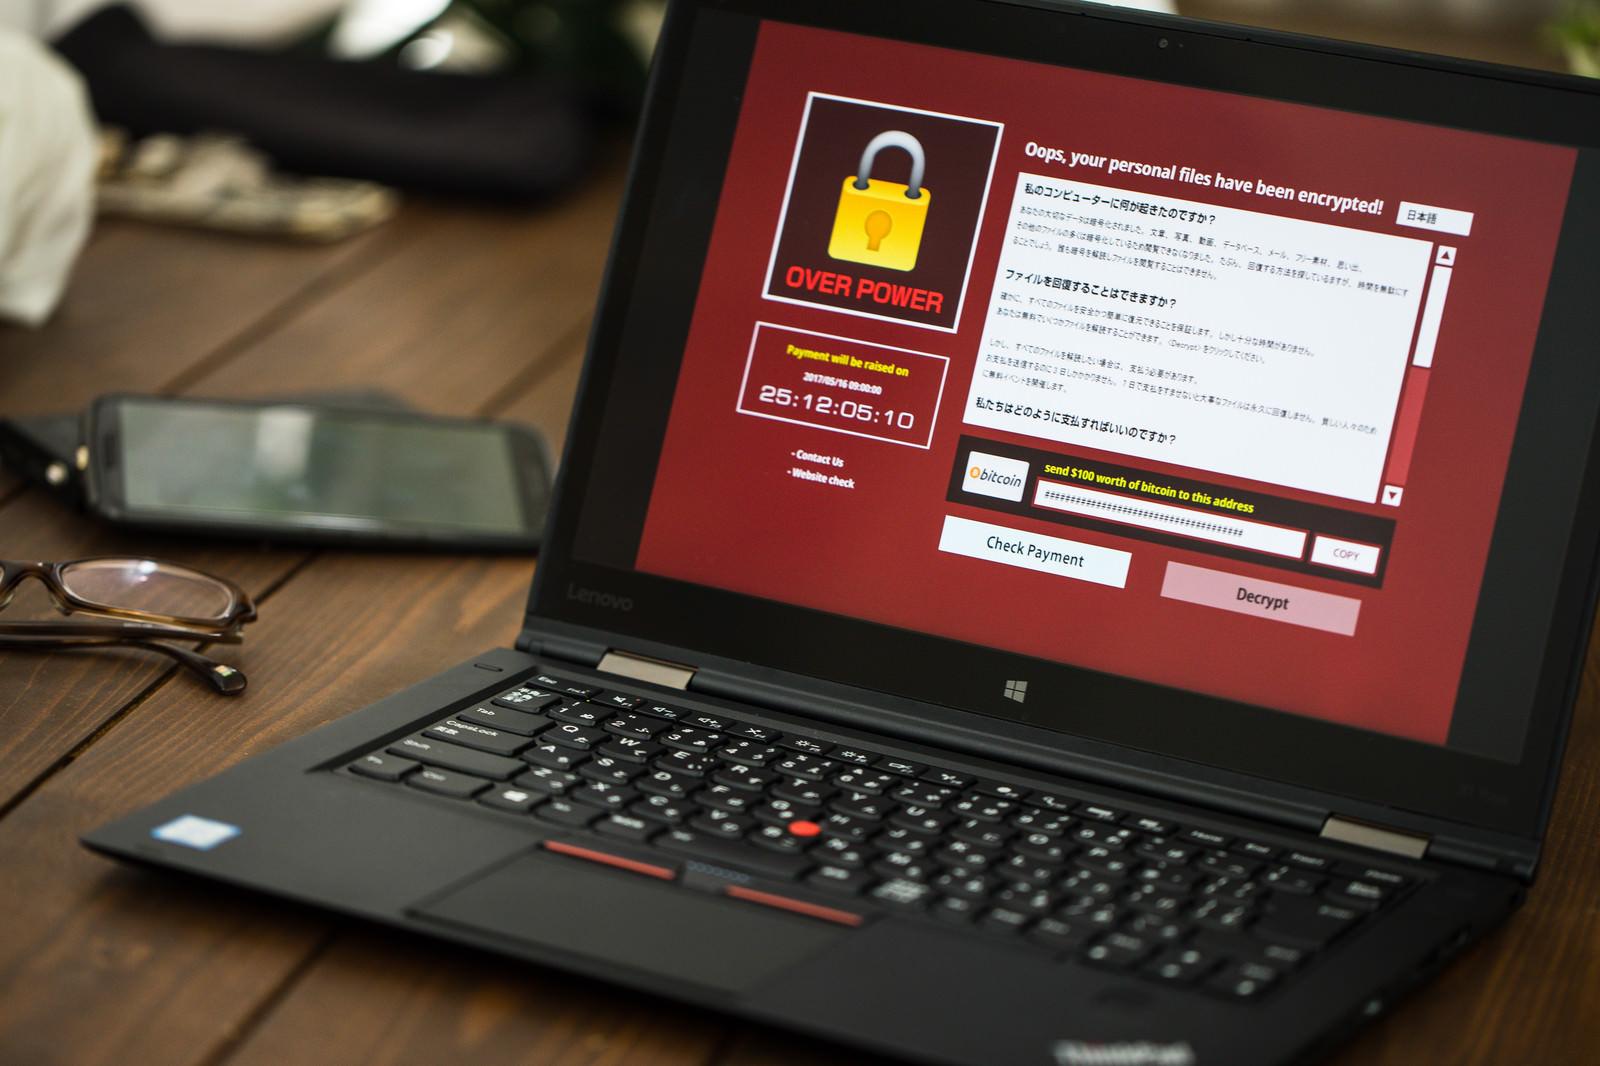 「重要なデータの入ったノートパソコンがランサムウェアに感染」の写真